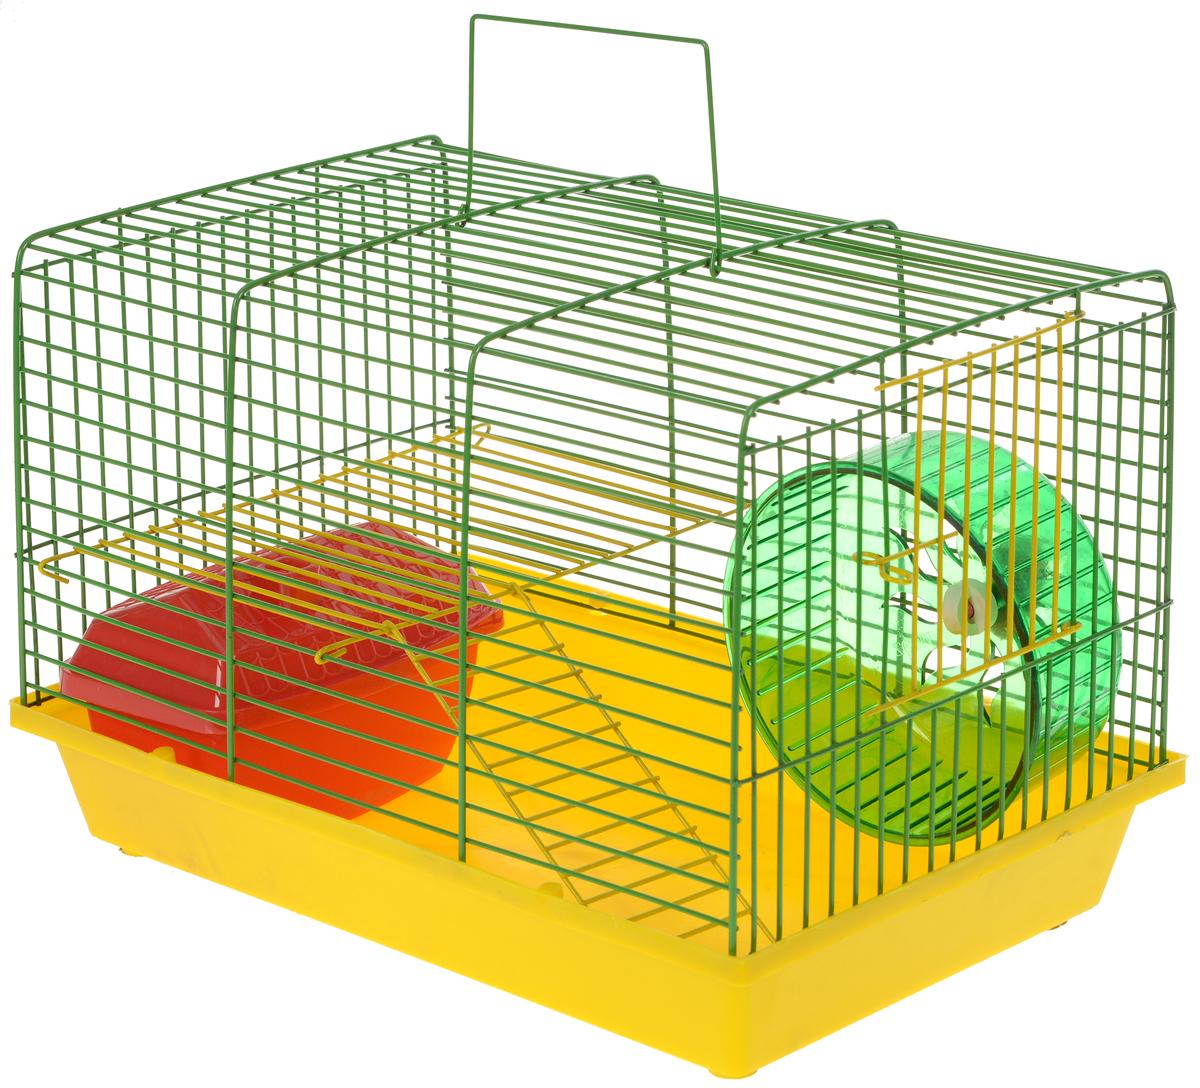 Клетка для грызунов ЗооМарк, 2-этажная, цвет: желтый поддон, зеленая решетка, желтый этаж, 36 х 22 х 24 см125ж_желтый, зеленый, красныйКлетка ЗооМарк, выполненная из полипропилена и металла, подходит для мелких грызунов. Изделие двухэтажное, оборудовано колесом для подвижных игр и пластиковым домиком. Клетка имеет яркий поддон, удобна в использовании и легко чистится. Сверху имеется ручка для переноски. Такая клетка станет личным пространством и уютным домиком для маленького грызуна. Комплектация: - клетка с поддоном; - домик; - колесо.